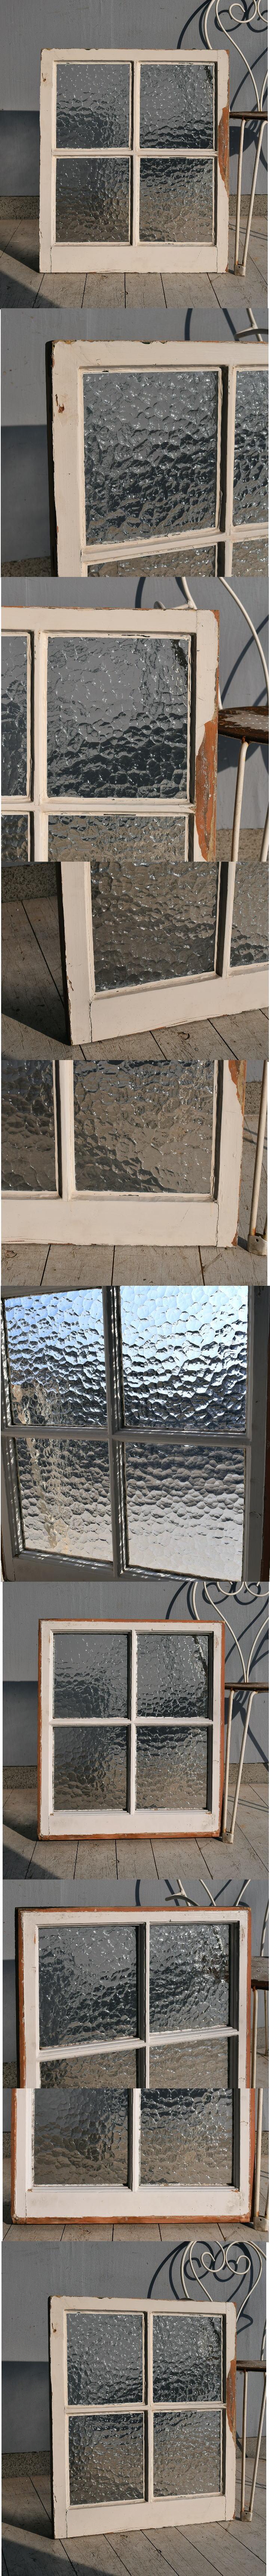 イギリス アンティーク 格子窓 無色透明 7544